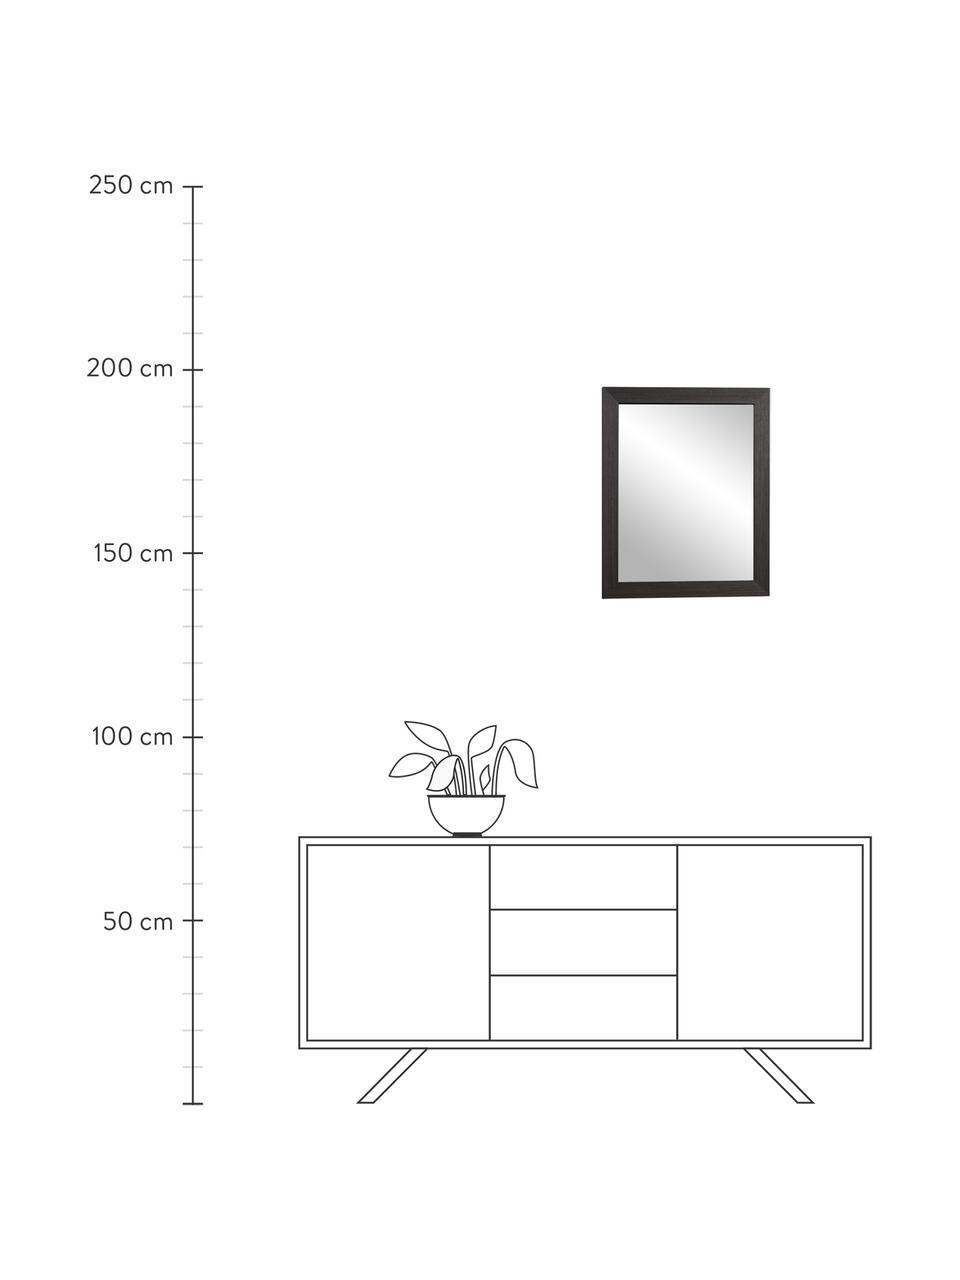 Wandspiegel Wilany mit Holzrahmen, Rahmen: Holz, Spiegelfläche: Spiegelglas, Anthrazit, 47 x 58 cm